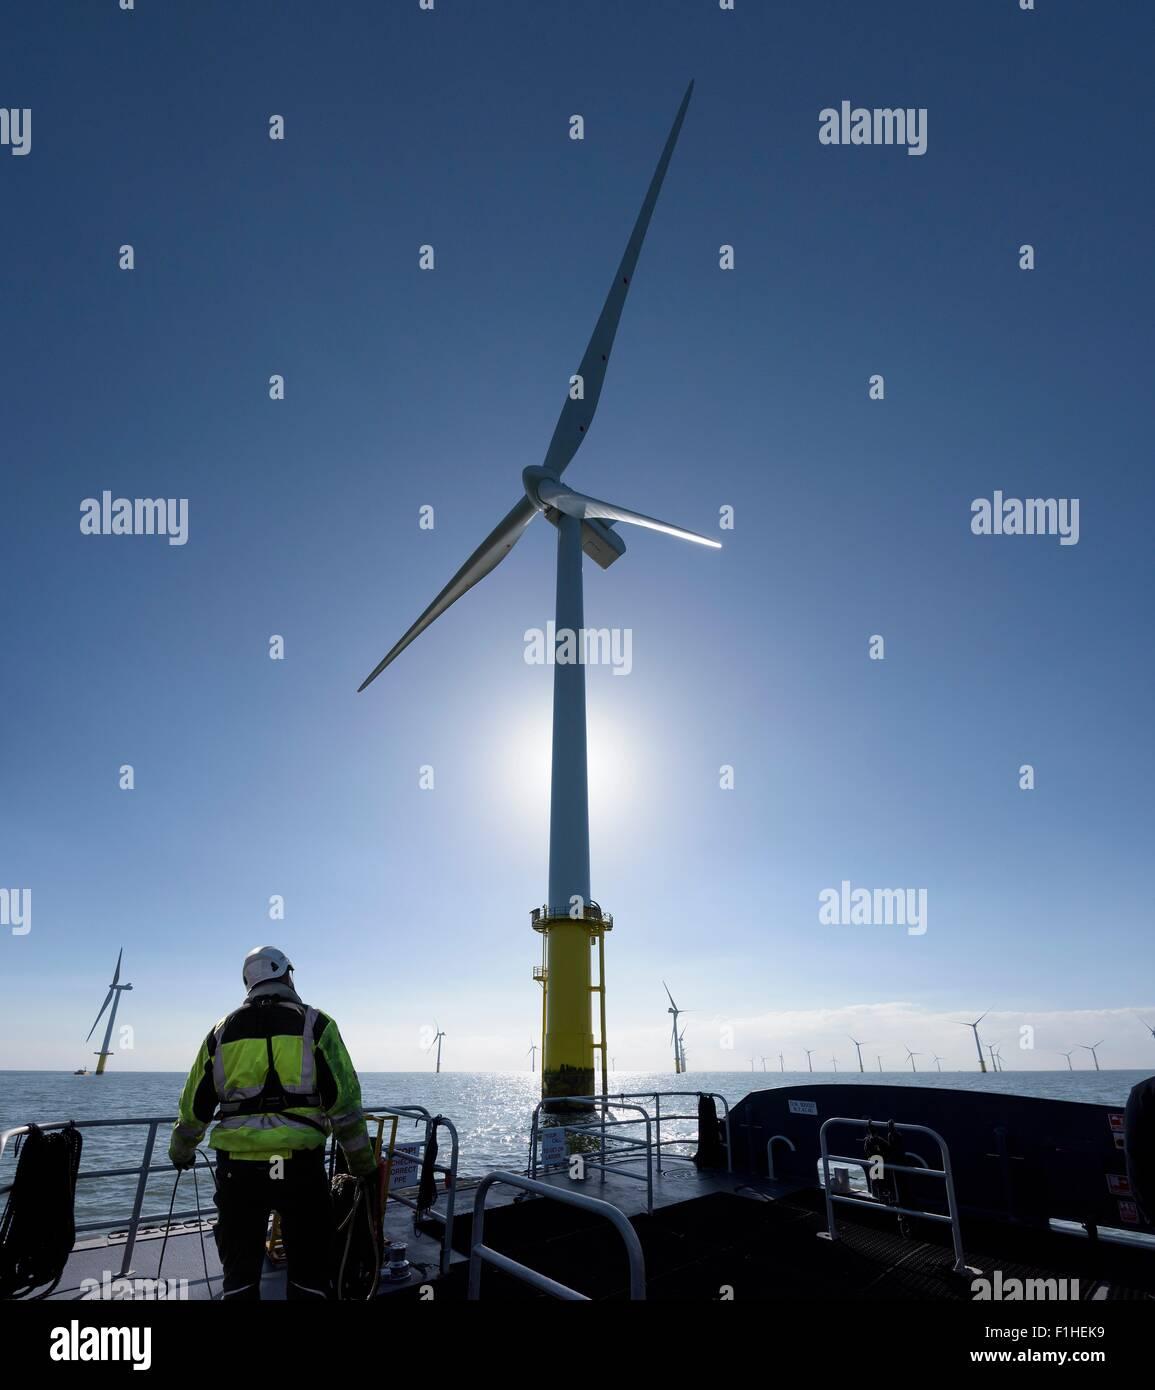 Travailleur à l'adjudication publique parc éolien offshore sur navire Photo Stock